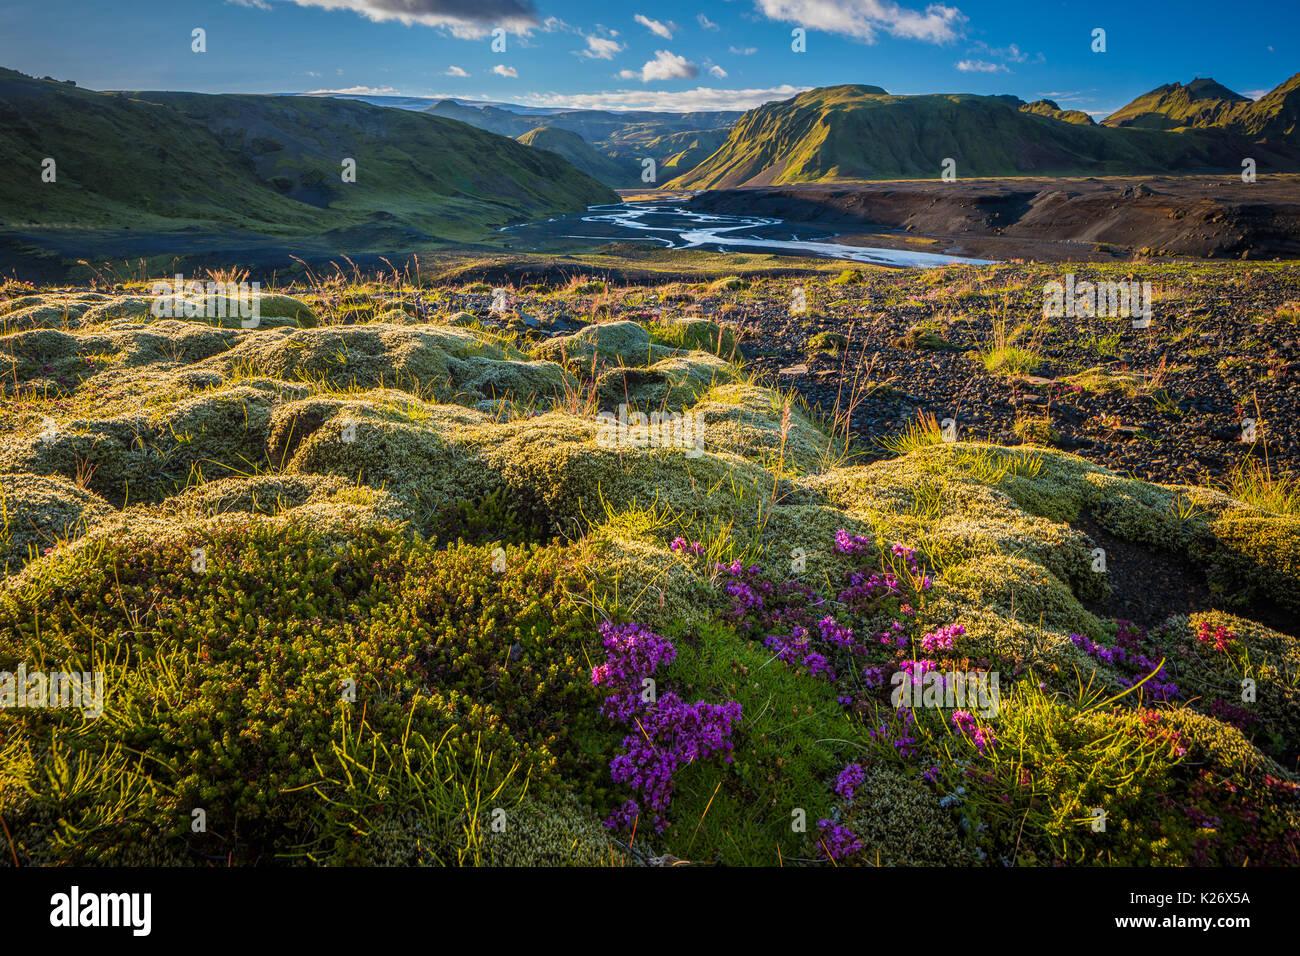 Moos und Landschaft in der südlichen Region von Island Stockbild